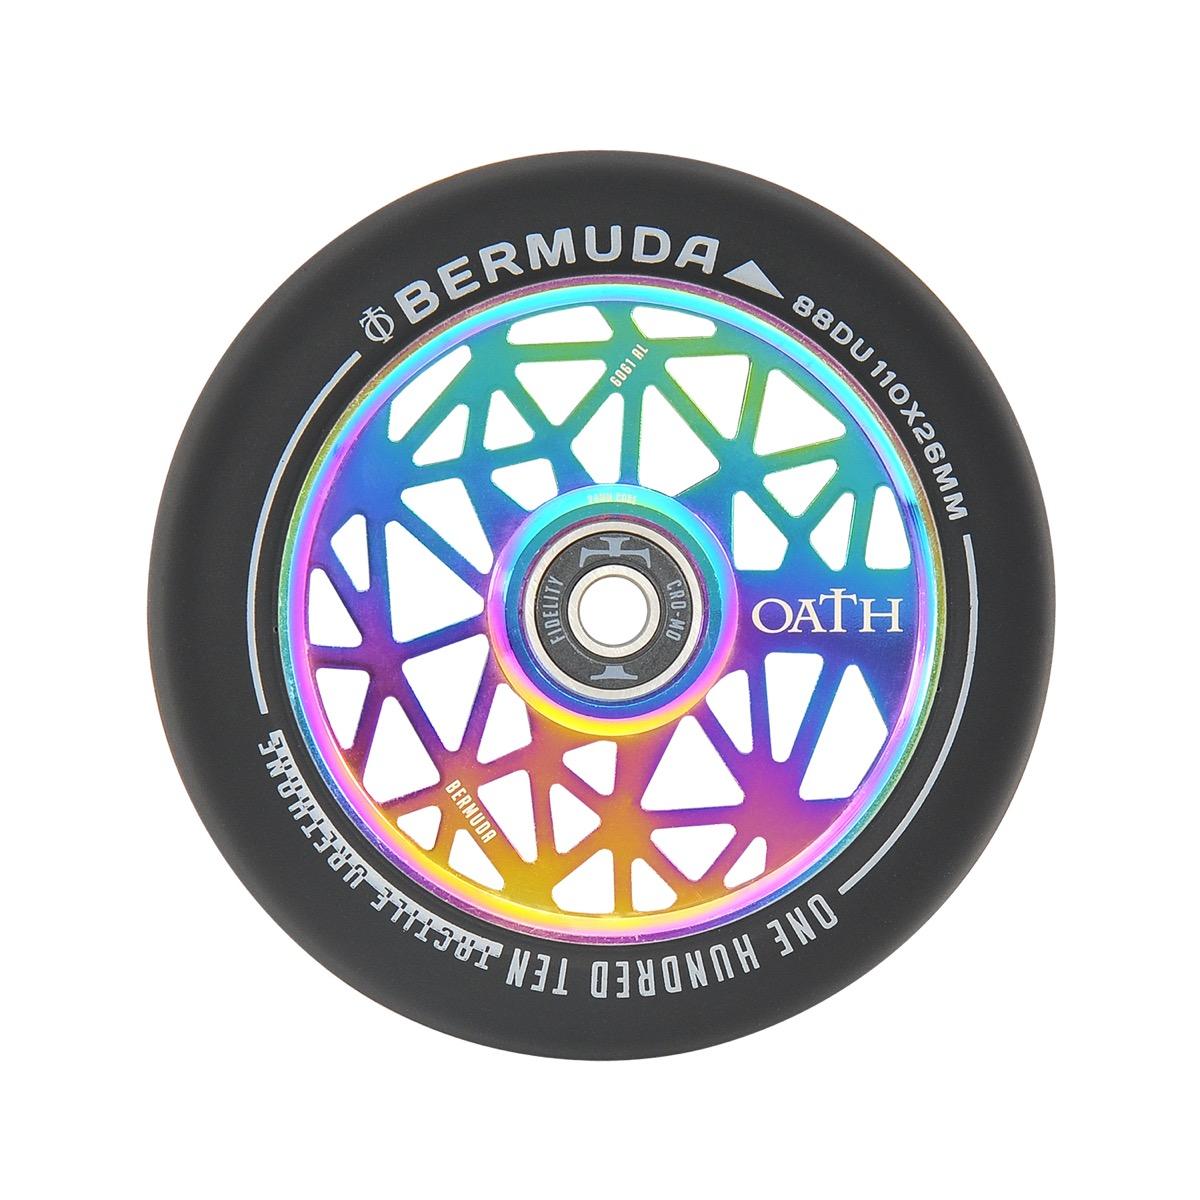 Oath Bermuda 110mm Stunt Scooter Wheels